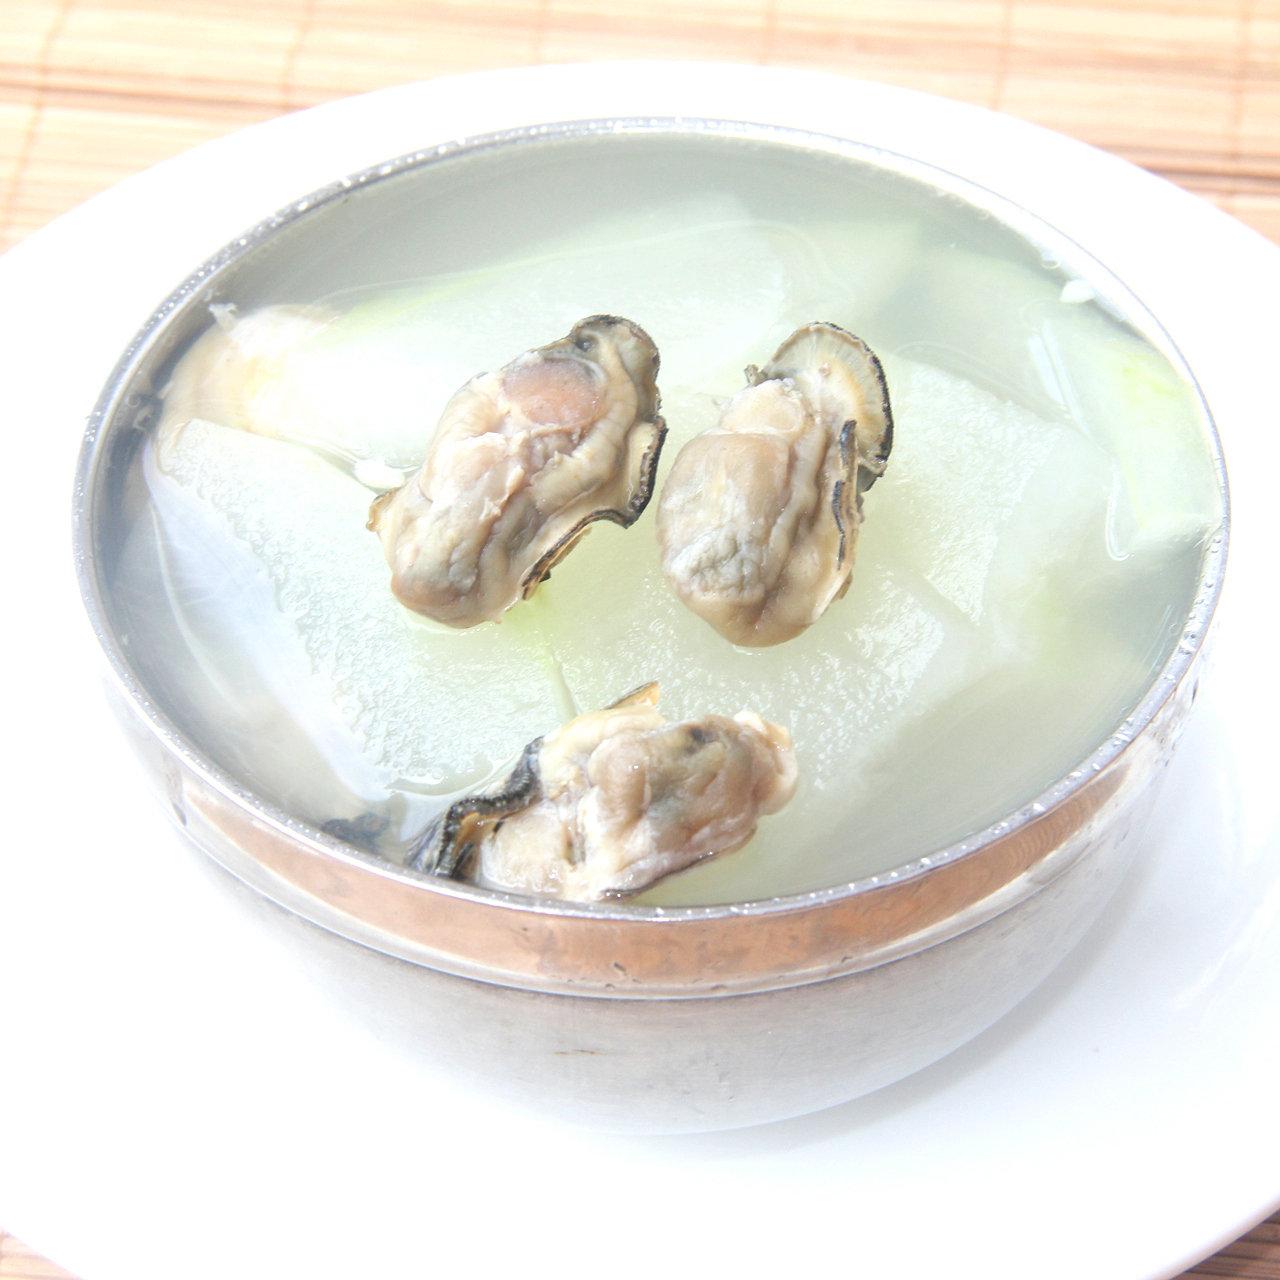 生蚝干500g干牡蛎干货海鲜干货海蛎子干海产品宝宝锌库男肾加油